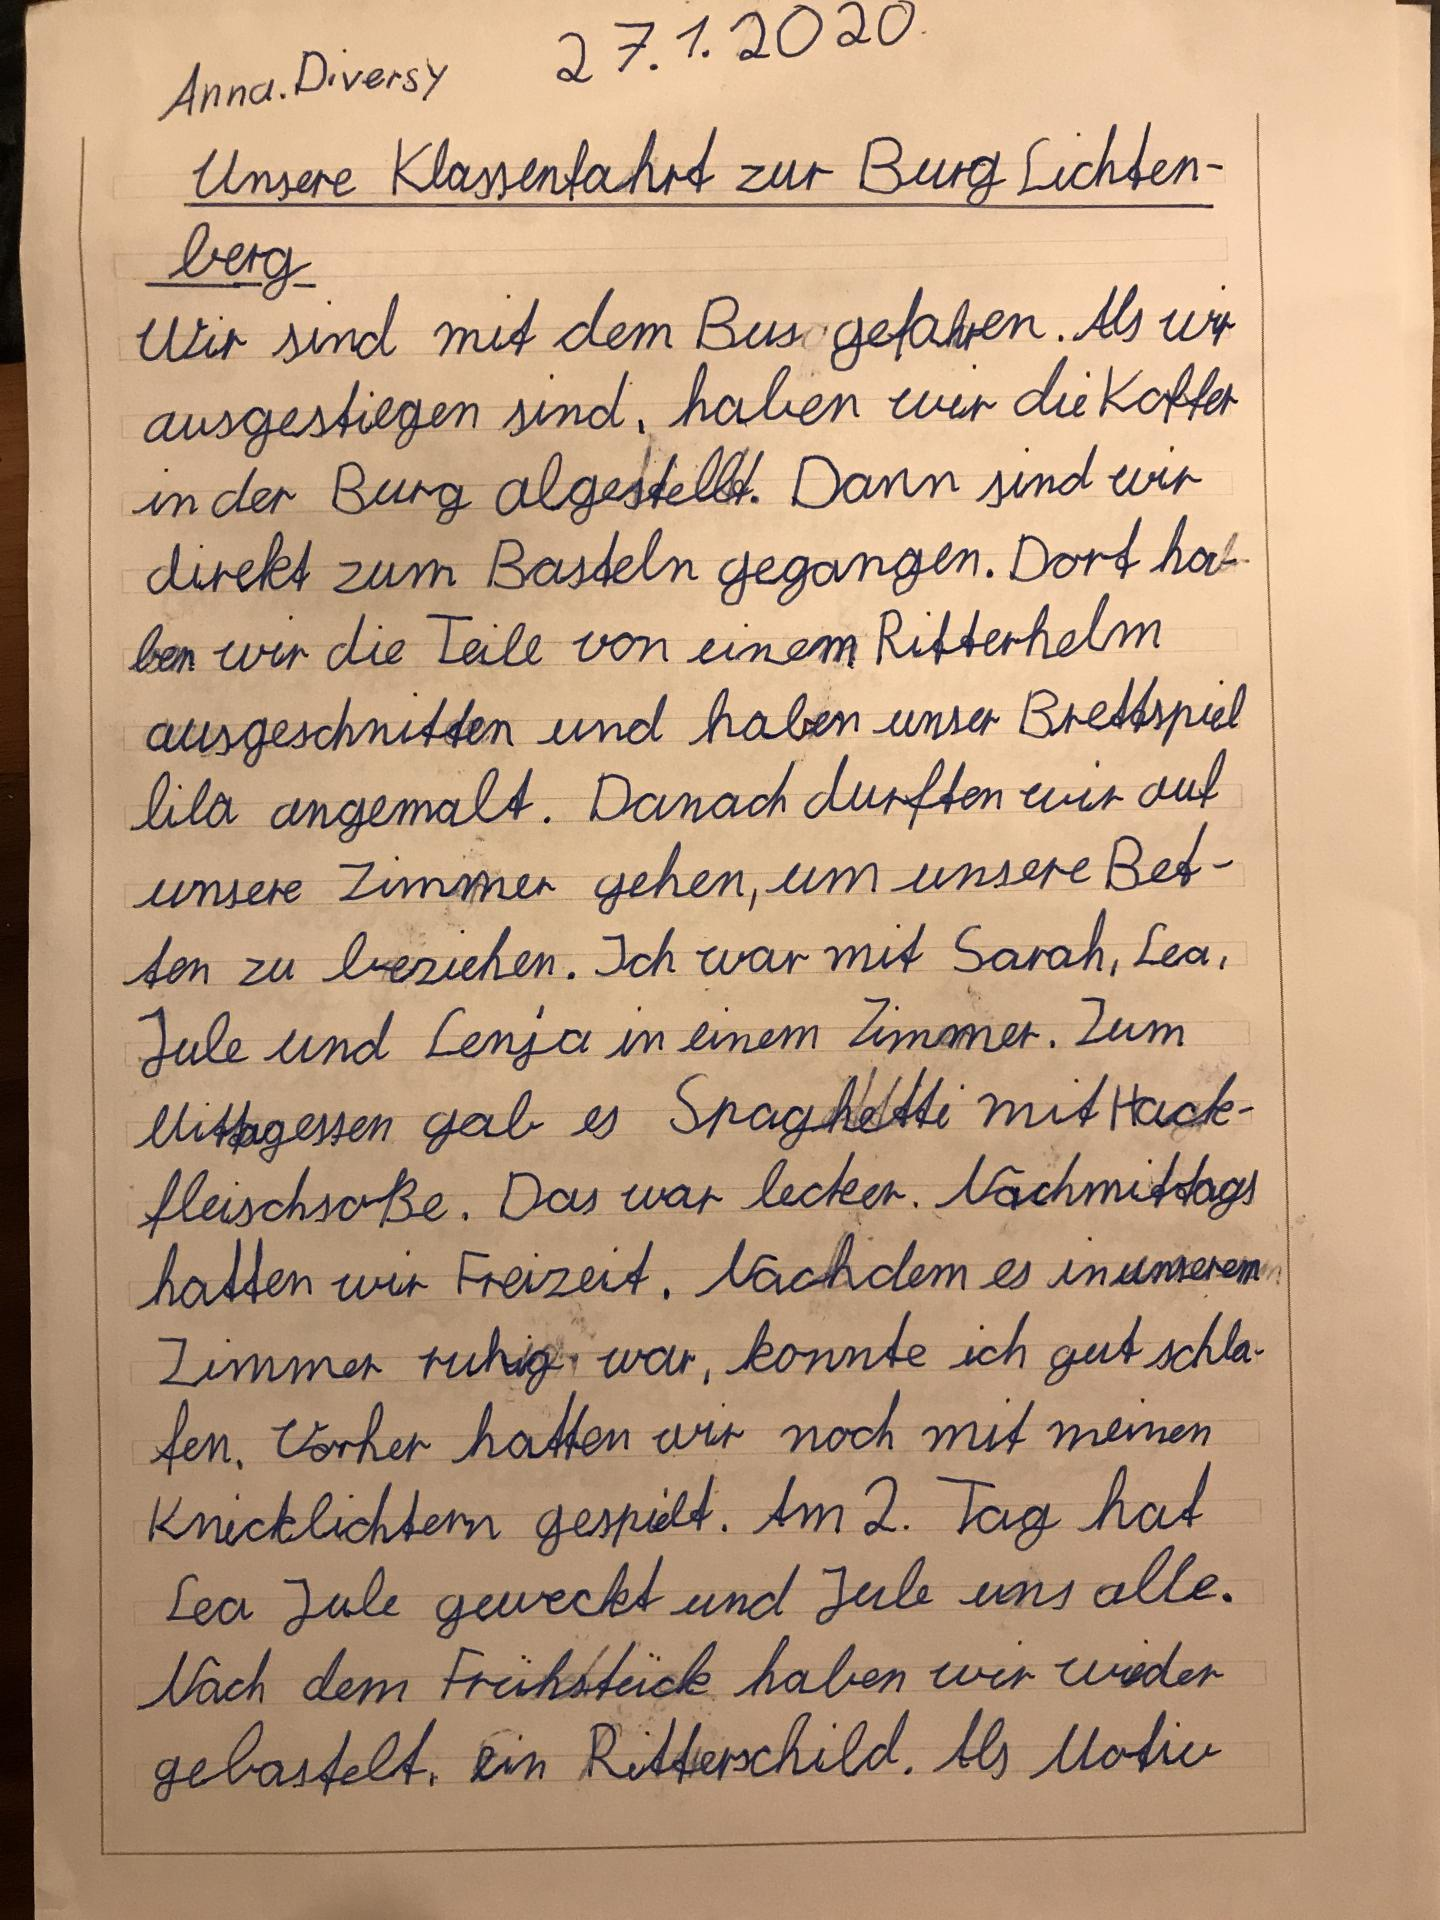 Bericht Anna Diversy 1